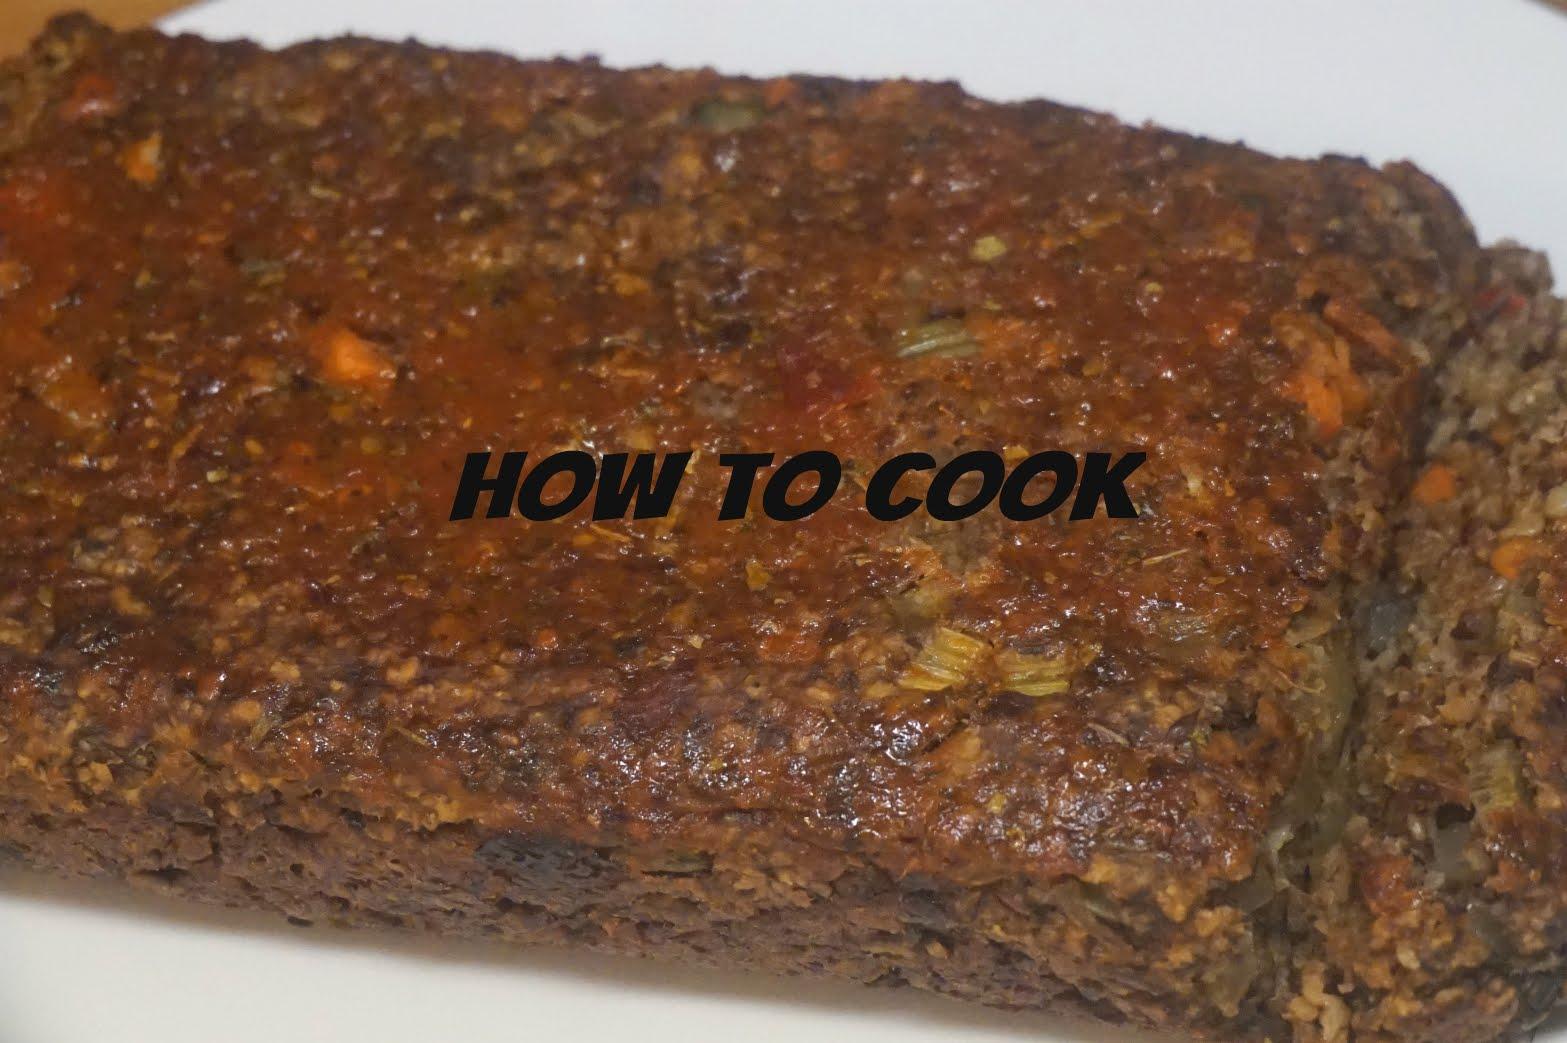 Meatless jamaican vegetarian vegetable vegan meatloaf recipe meatless jamaican vegetarian vegetable vegan meatloaf recipe jamaican accent 2016 forumfinder Images